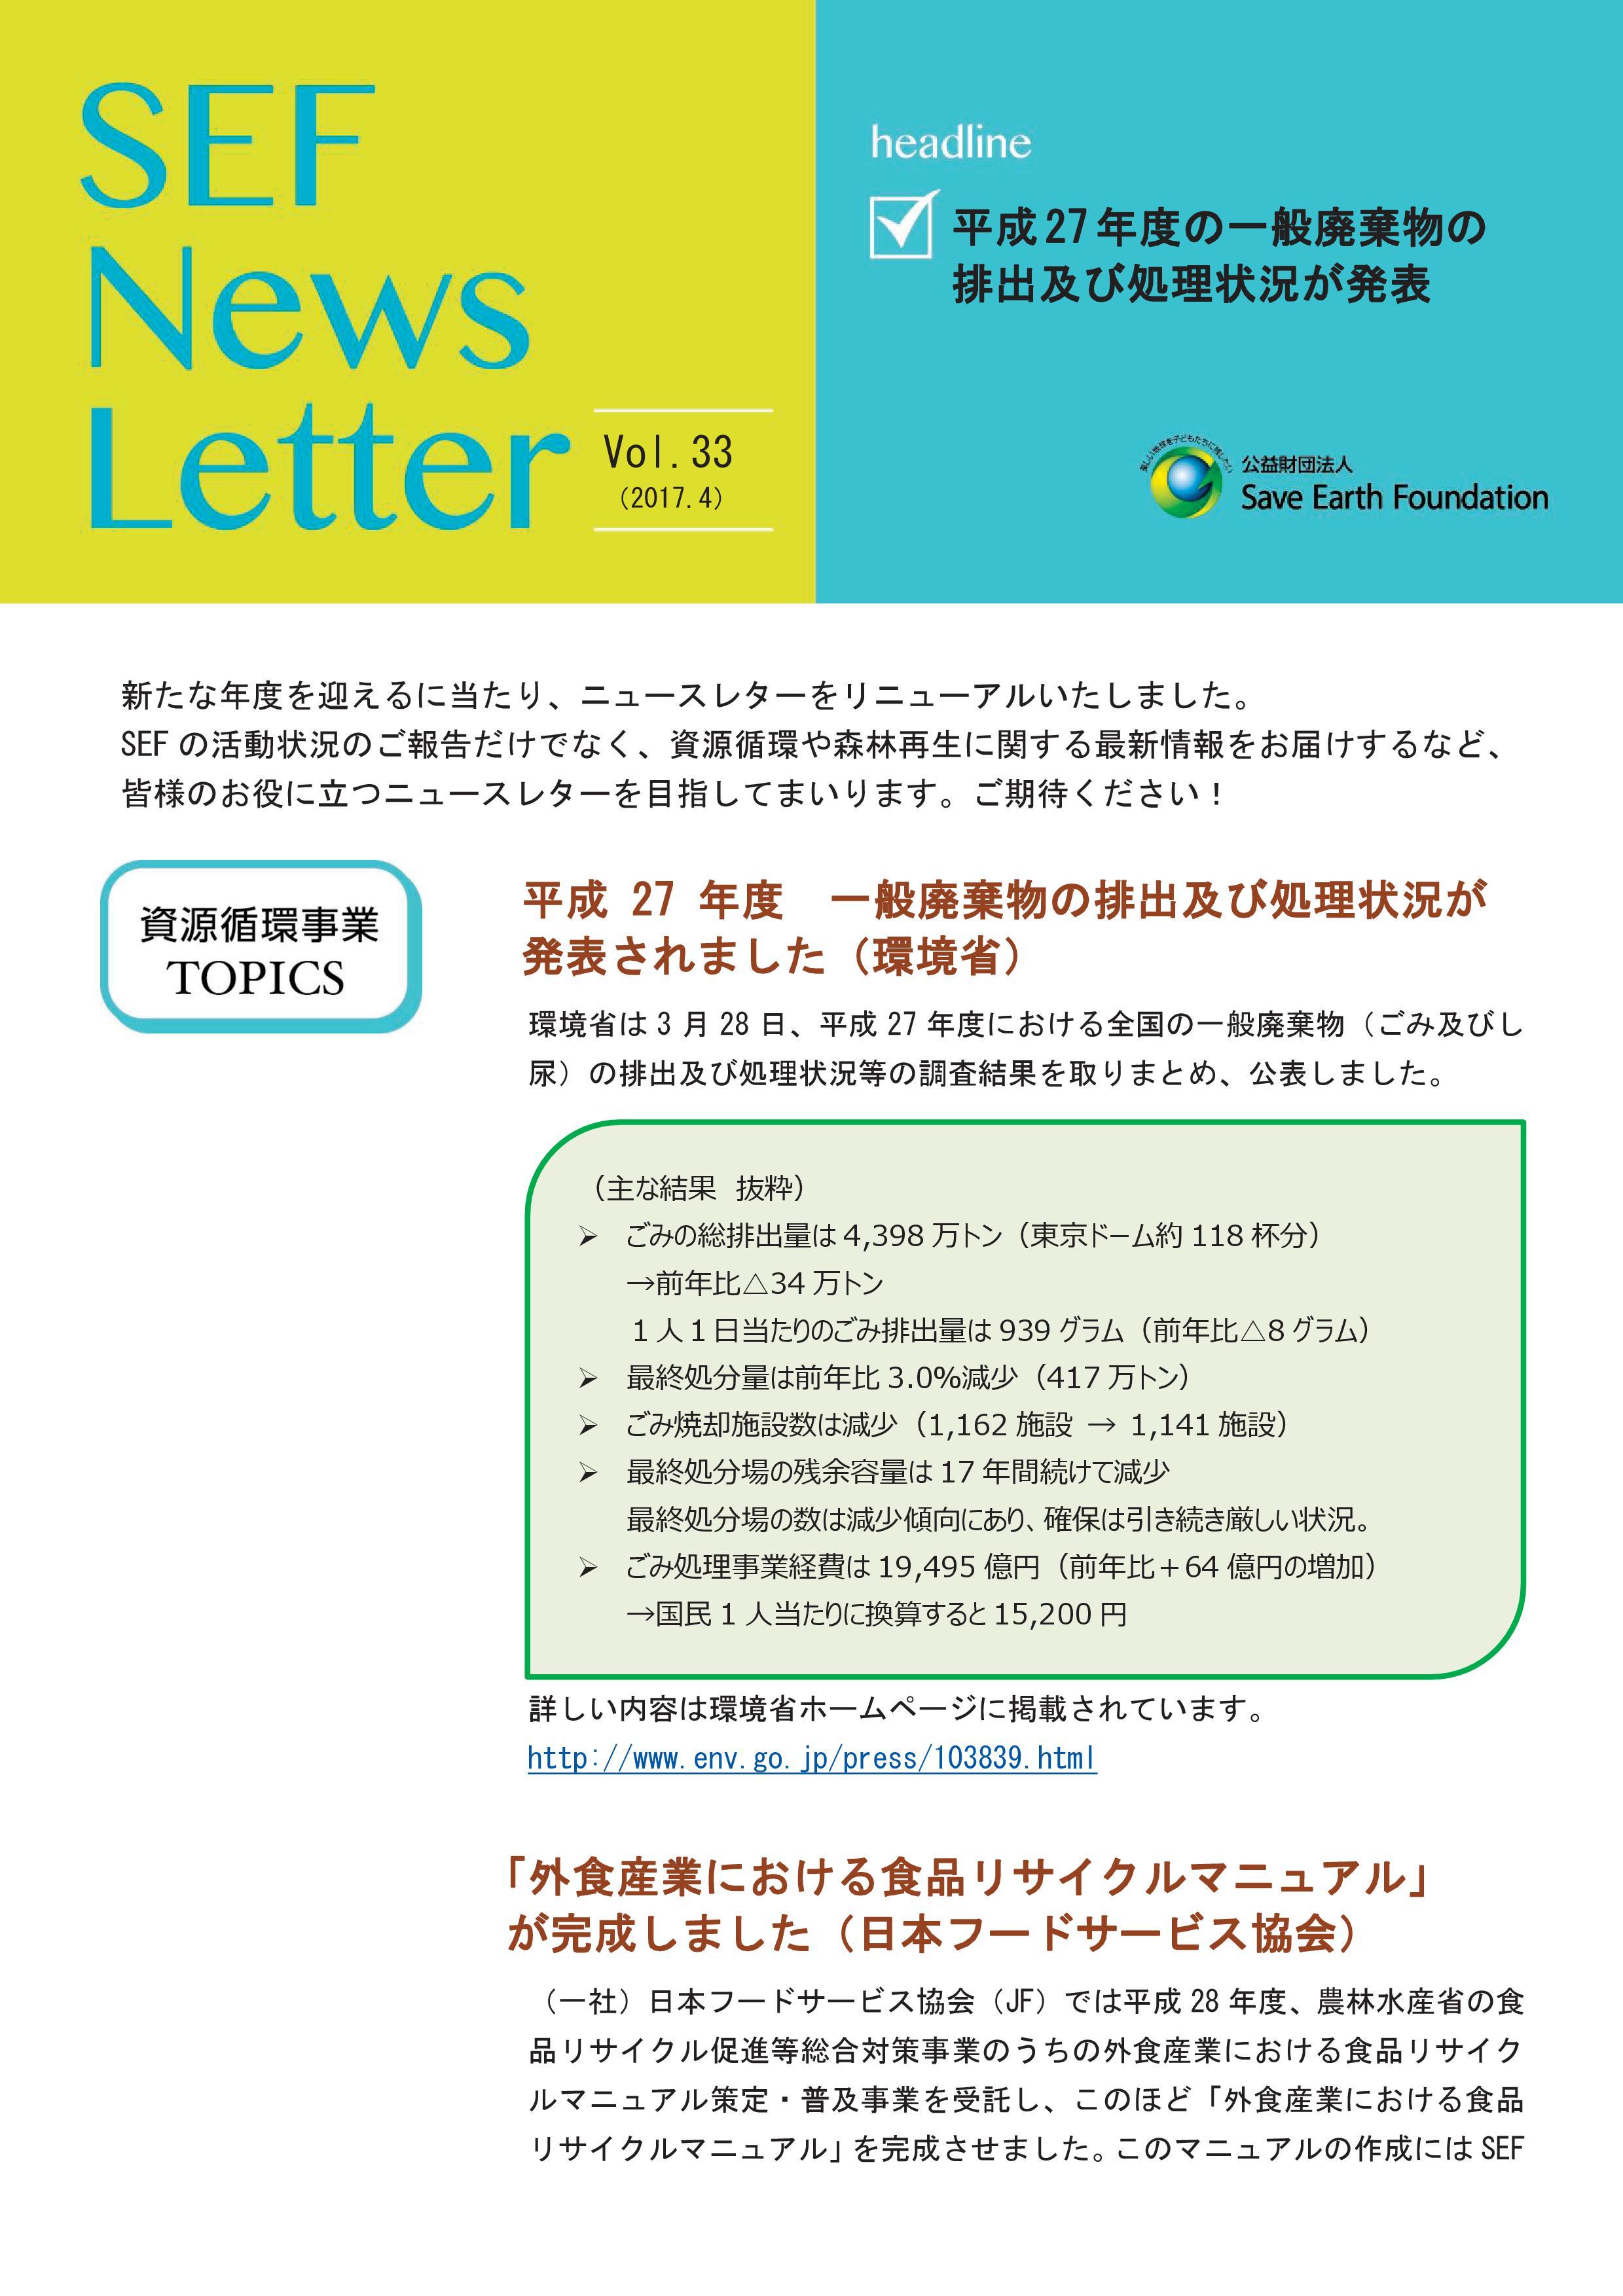 Save Earth FoundationニュースレターVol33(2017年4月号)